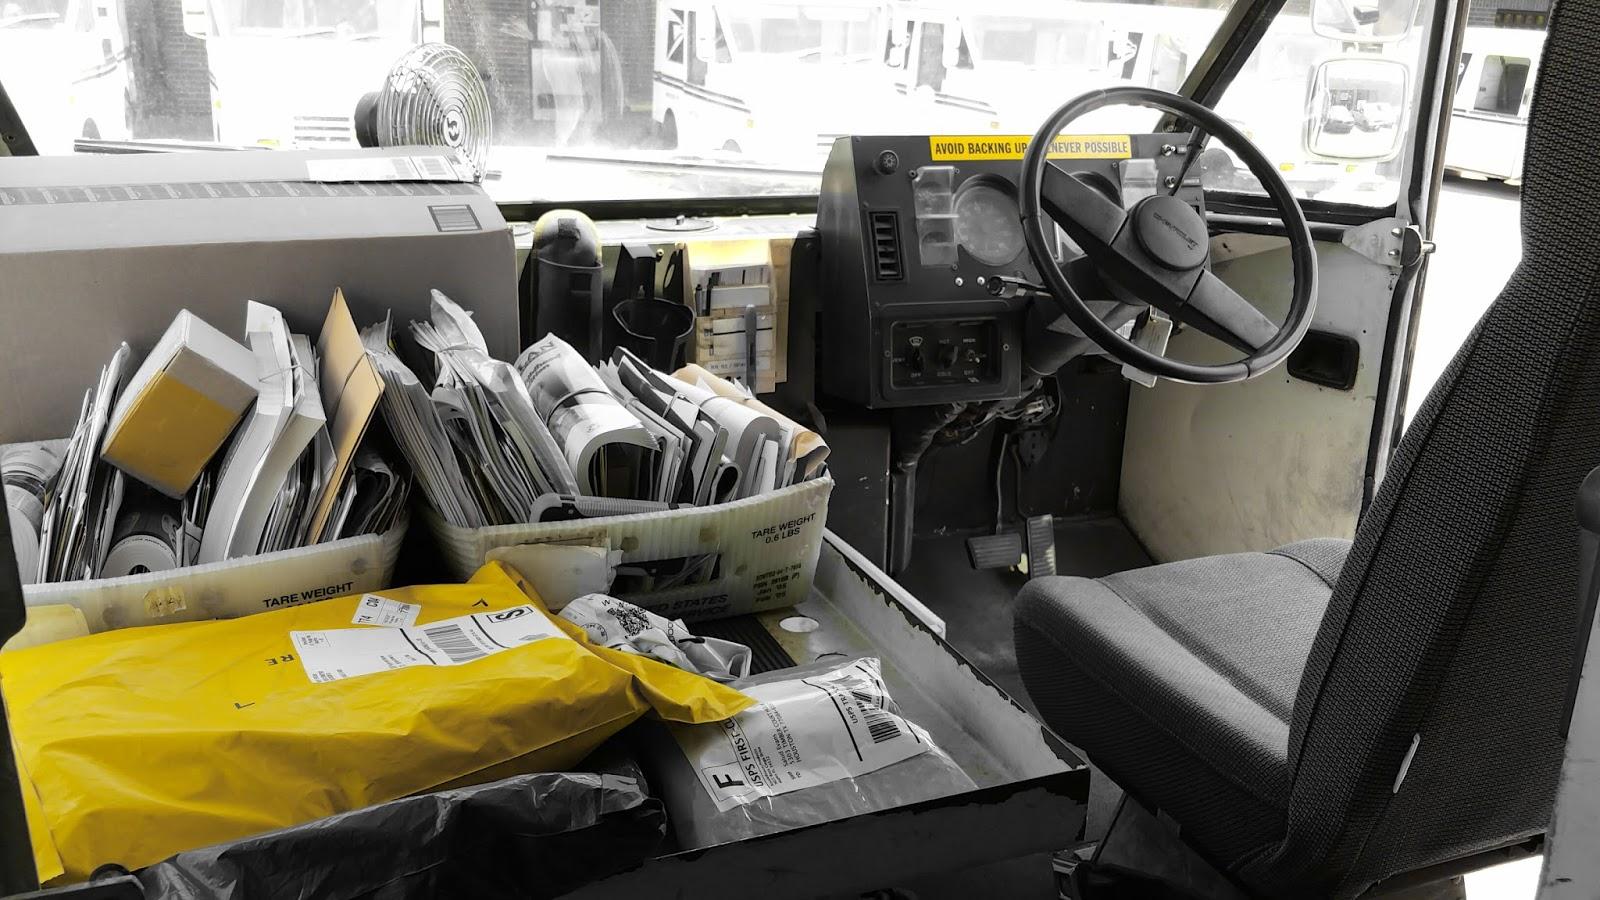 Brent's Blog: Going Postal